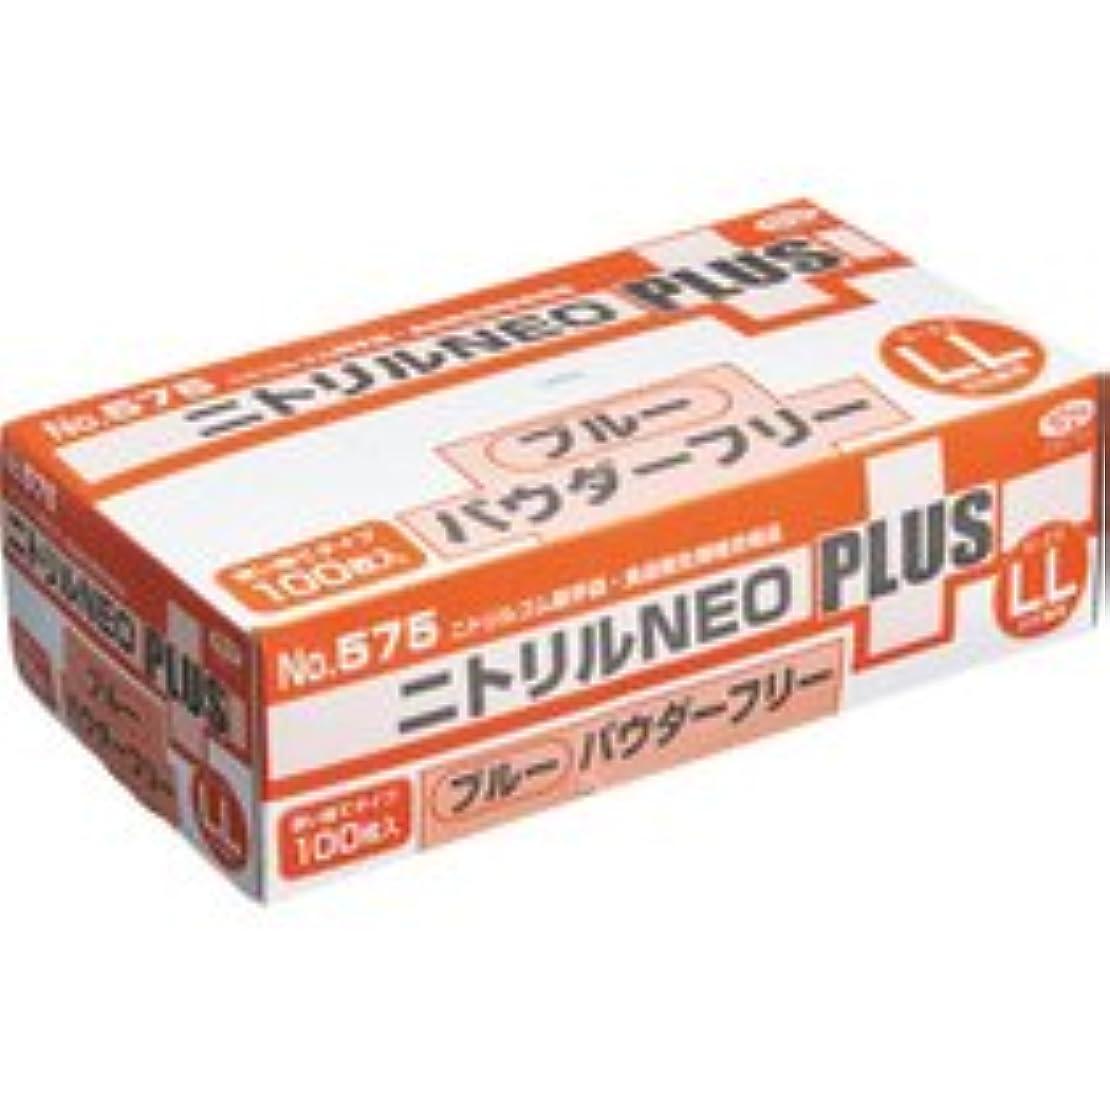 シダ暴徒列挙するエブノ ニトリルNEOプラス パウダーフリー ブルー LL NO-575 1箱(100枚)